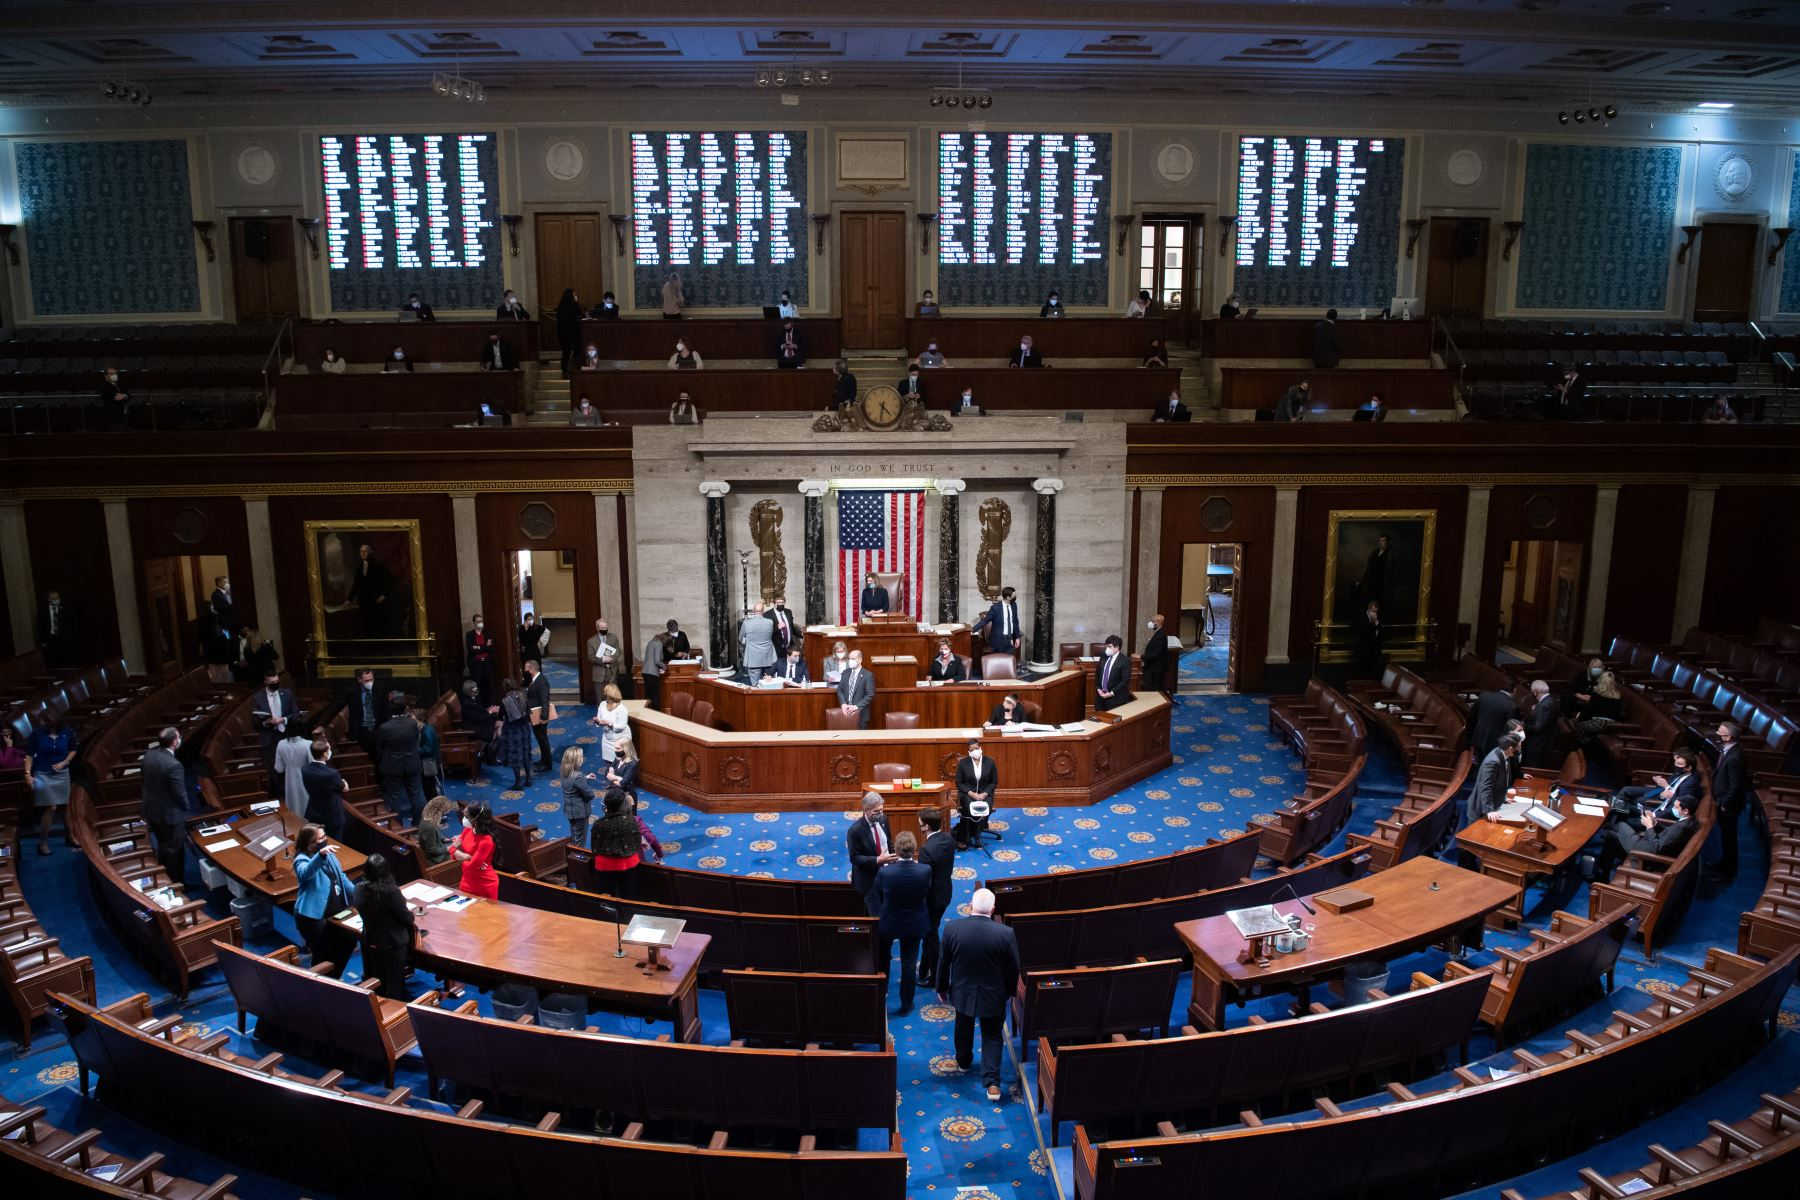 La presidenta de la Cámara de Representantes, Nancy Pelosi , preside la Cámara de Representantes al concluir la votación para acusar al presidente estadounidense Donald Trump en el Capitolio de los Estados Unidos en Washington, DC. Foto: AFP